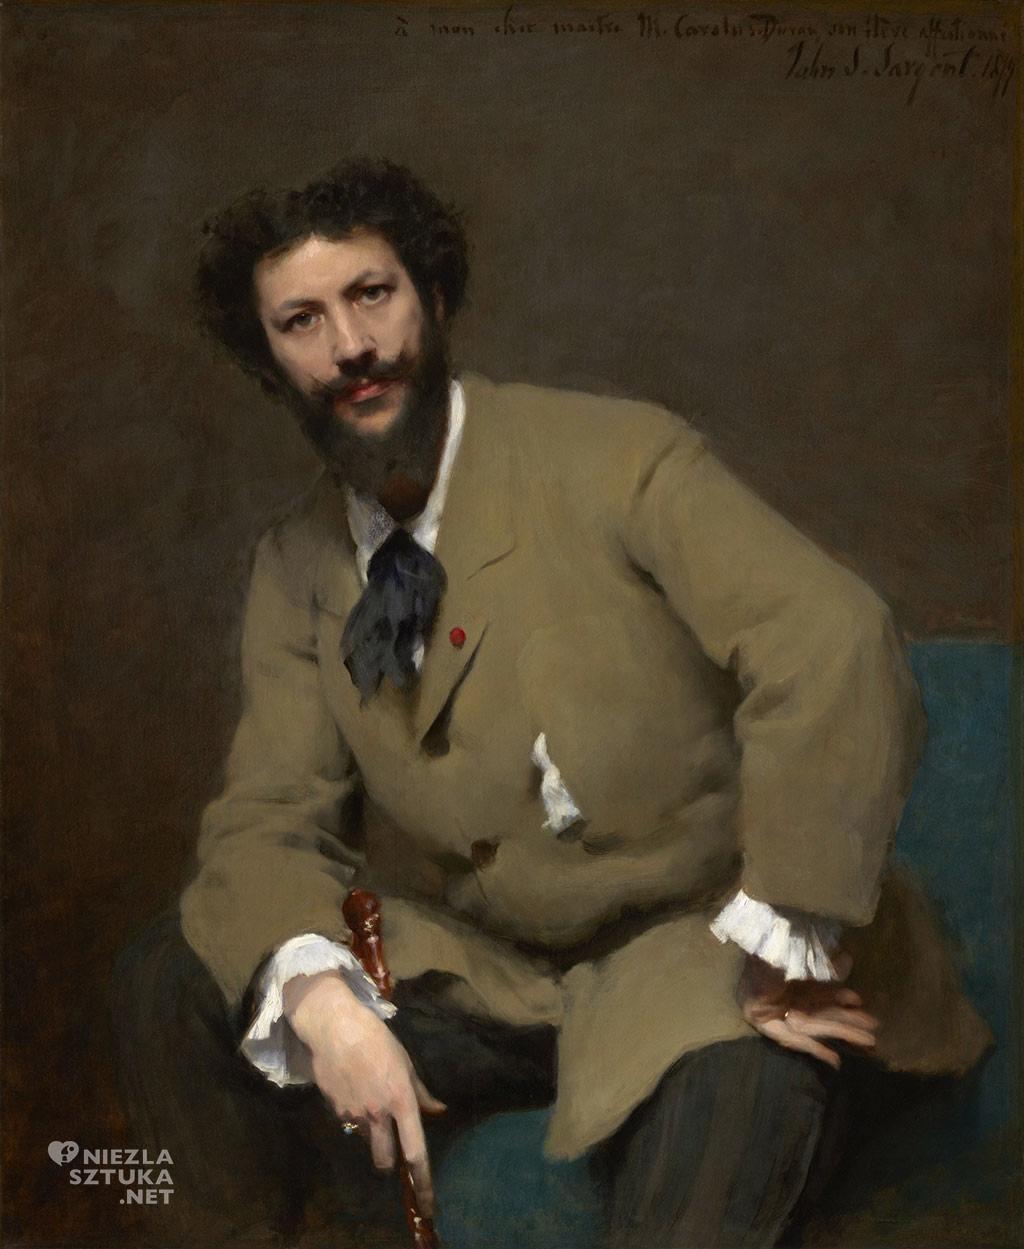 John Singer Sargent <em>Charles-Emile-Auguste Durand</em> | I879 <br /> olej na płótnie, 116,8 × 95,9 cm<br> Sterling and Francine Clark Art Institute, Williamstown, Mass